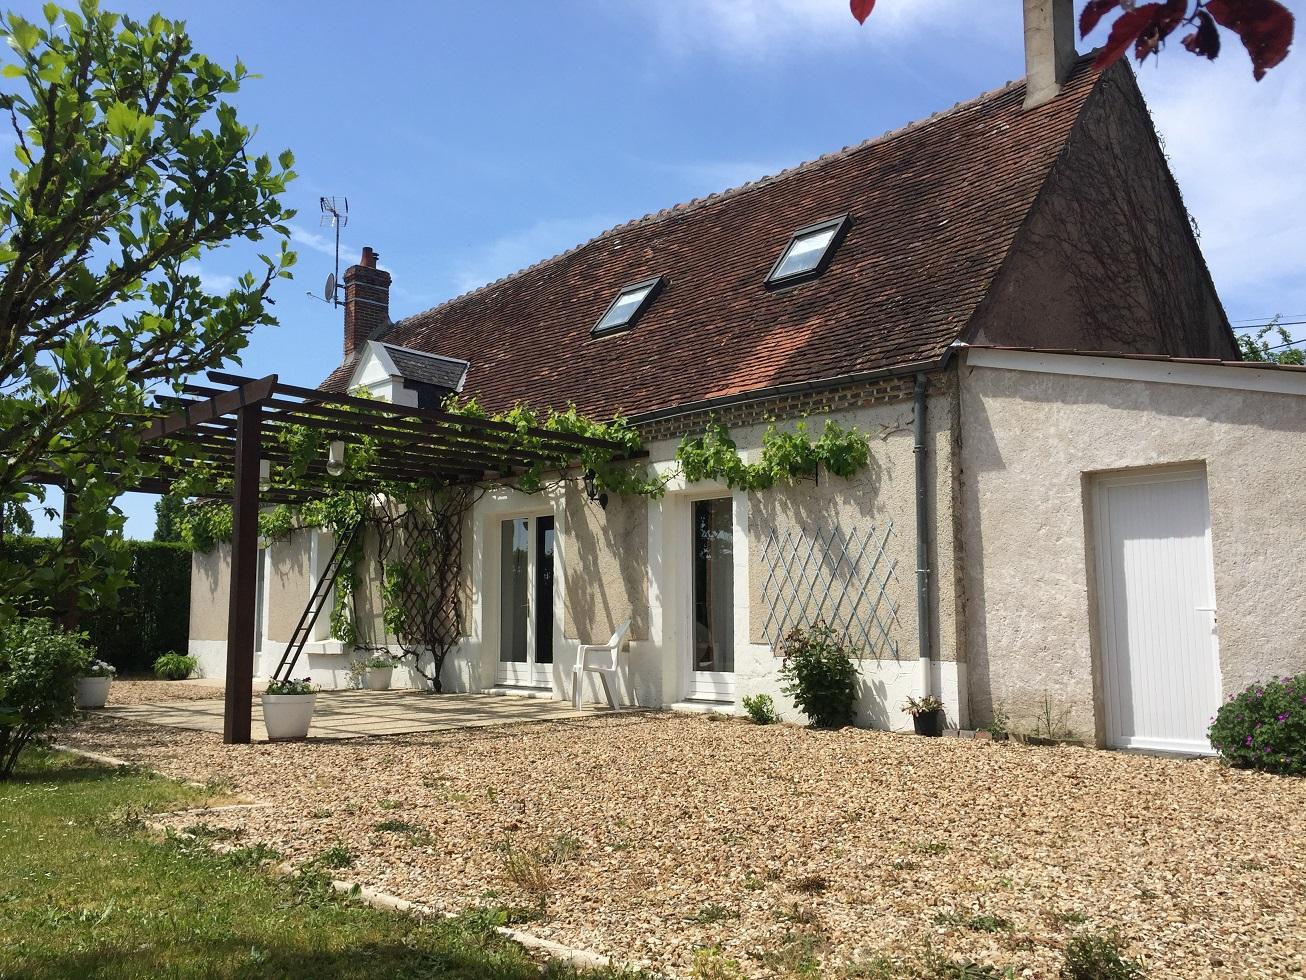 Maison berrichonne rénovée, garage, joli jardin arboré